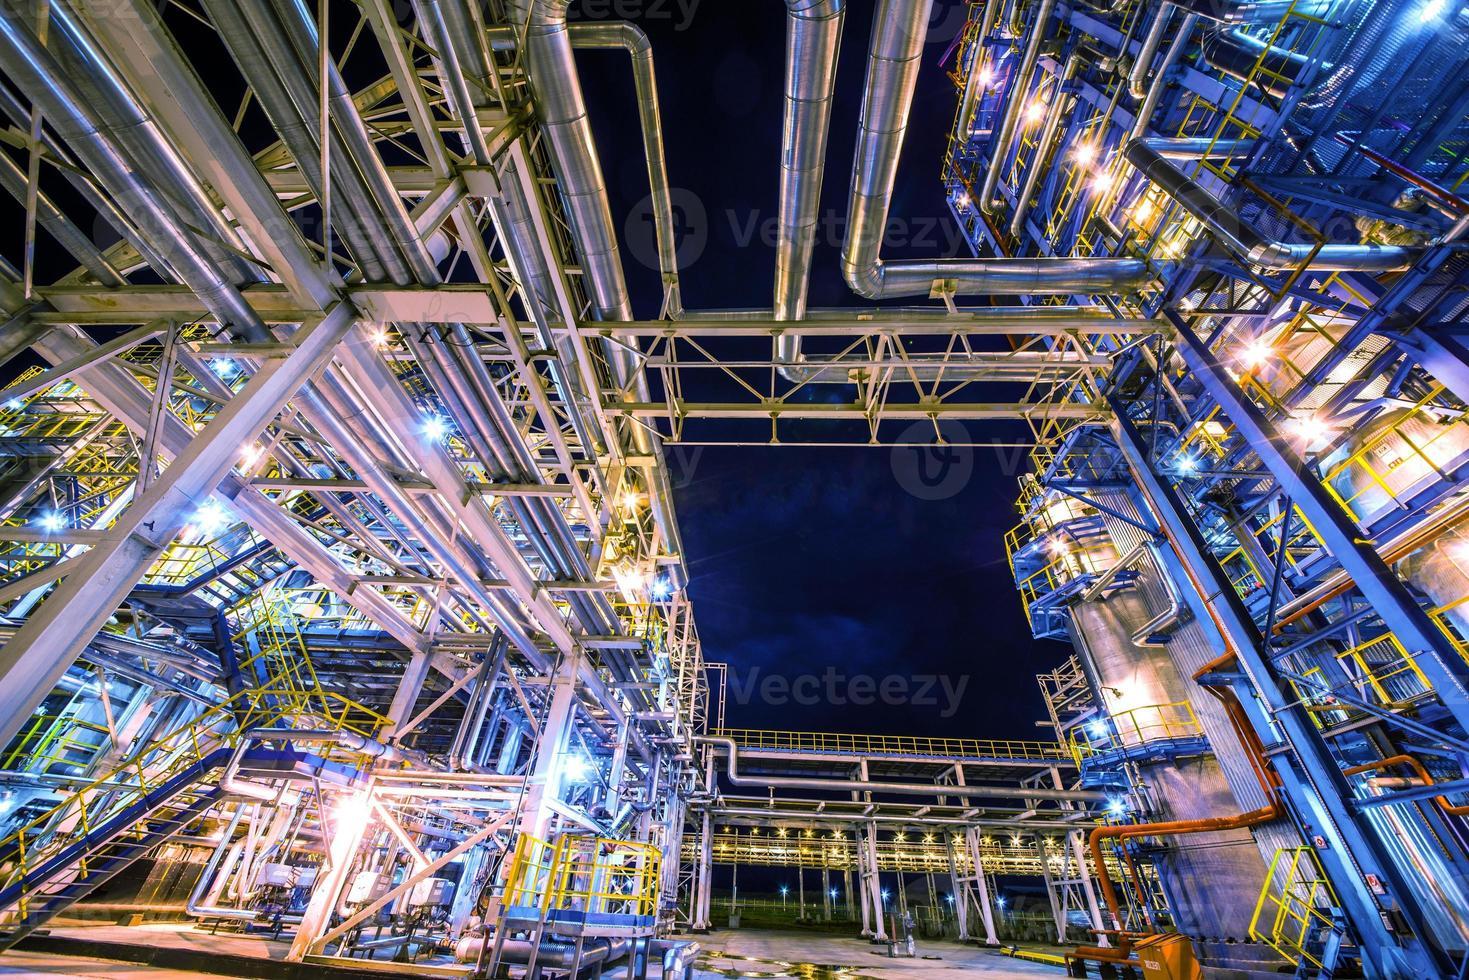 raffineria di petrolio di notte foto